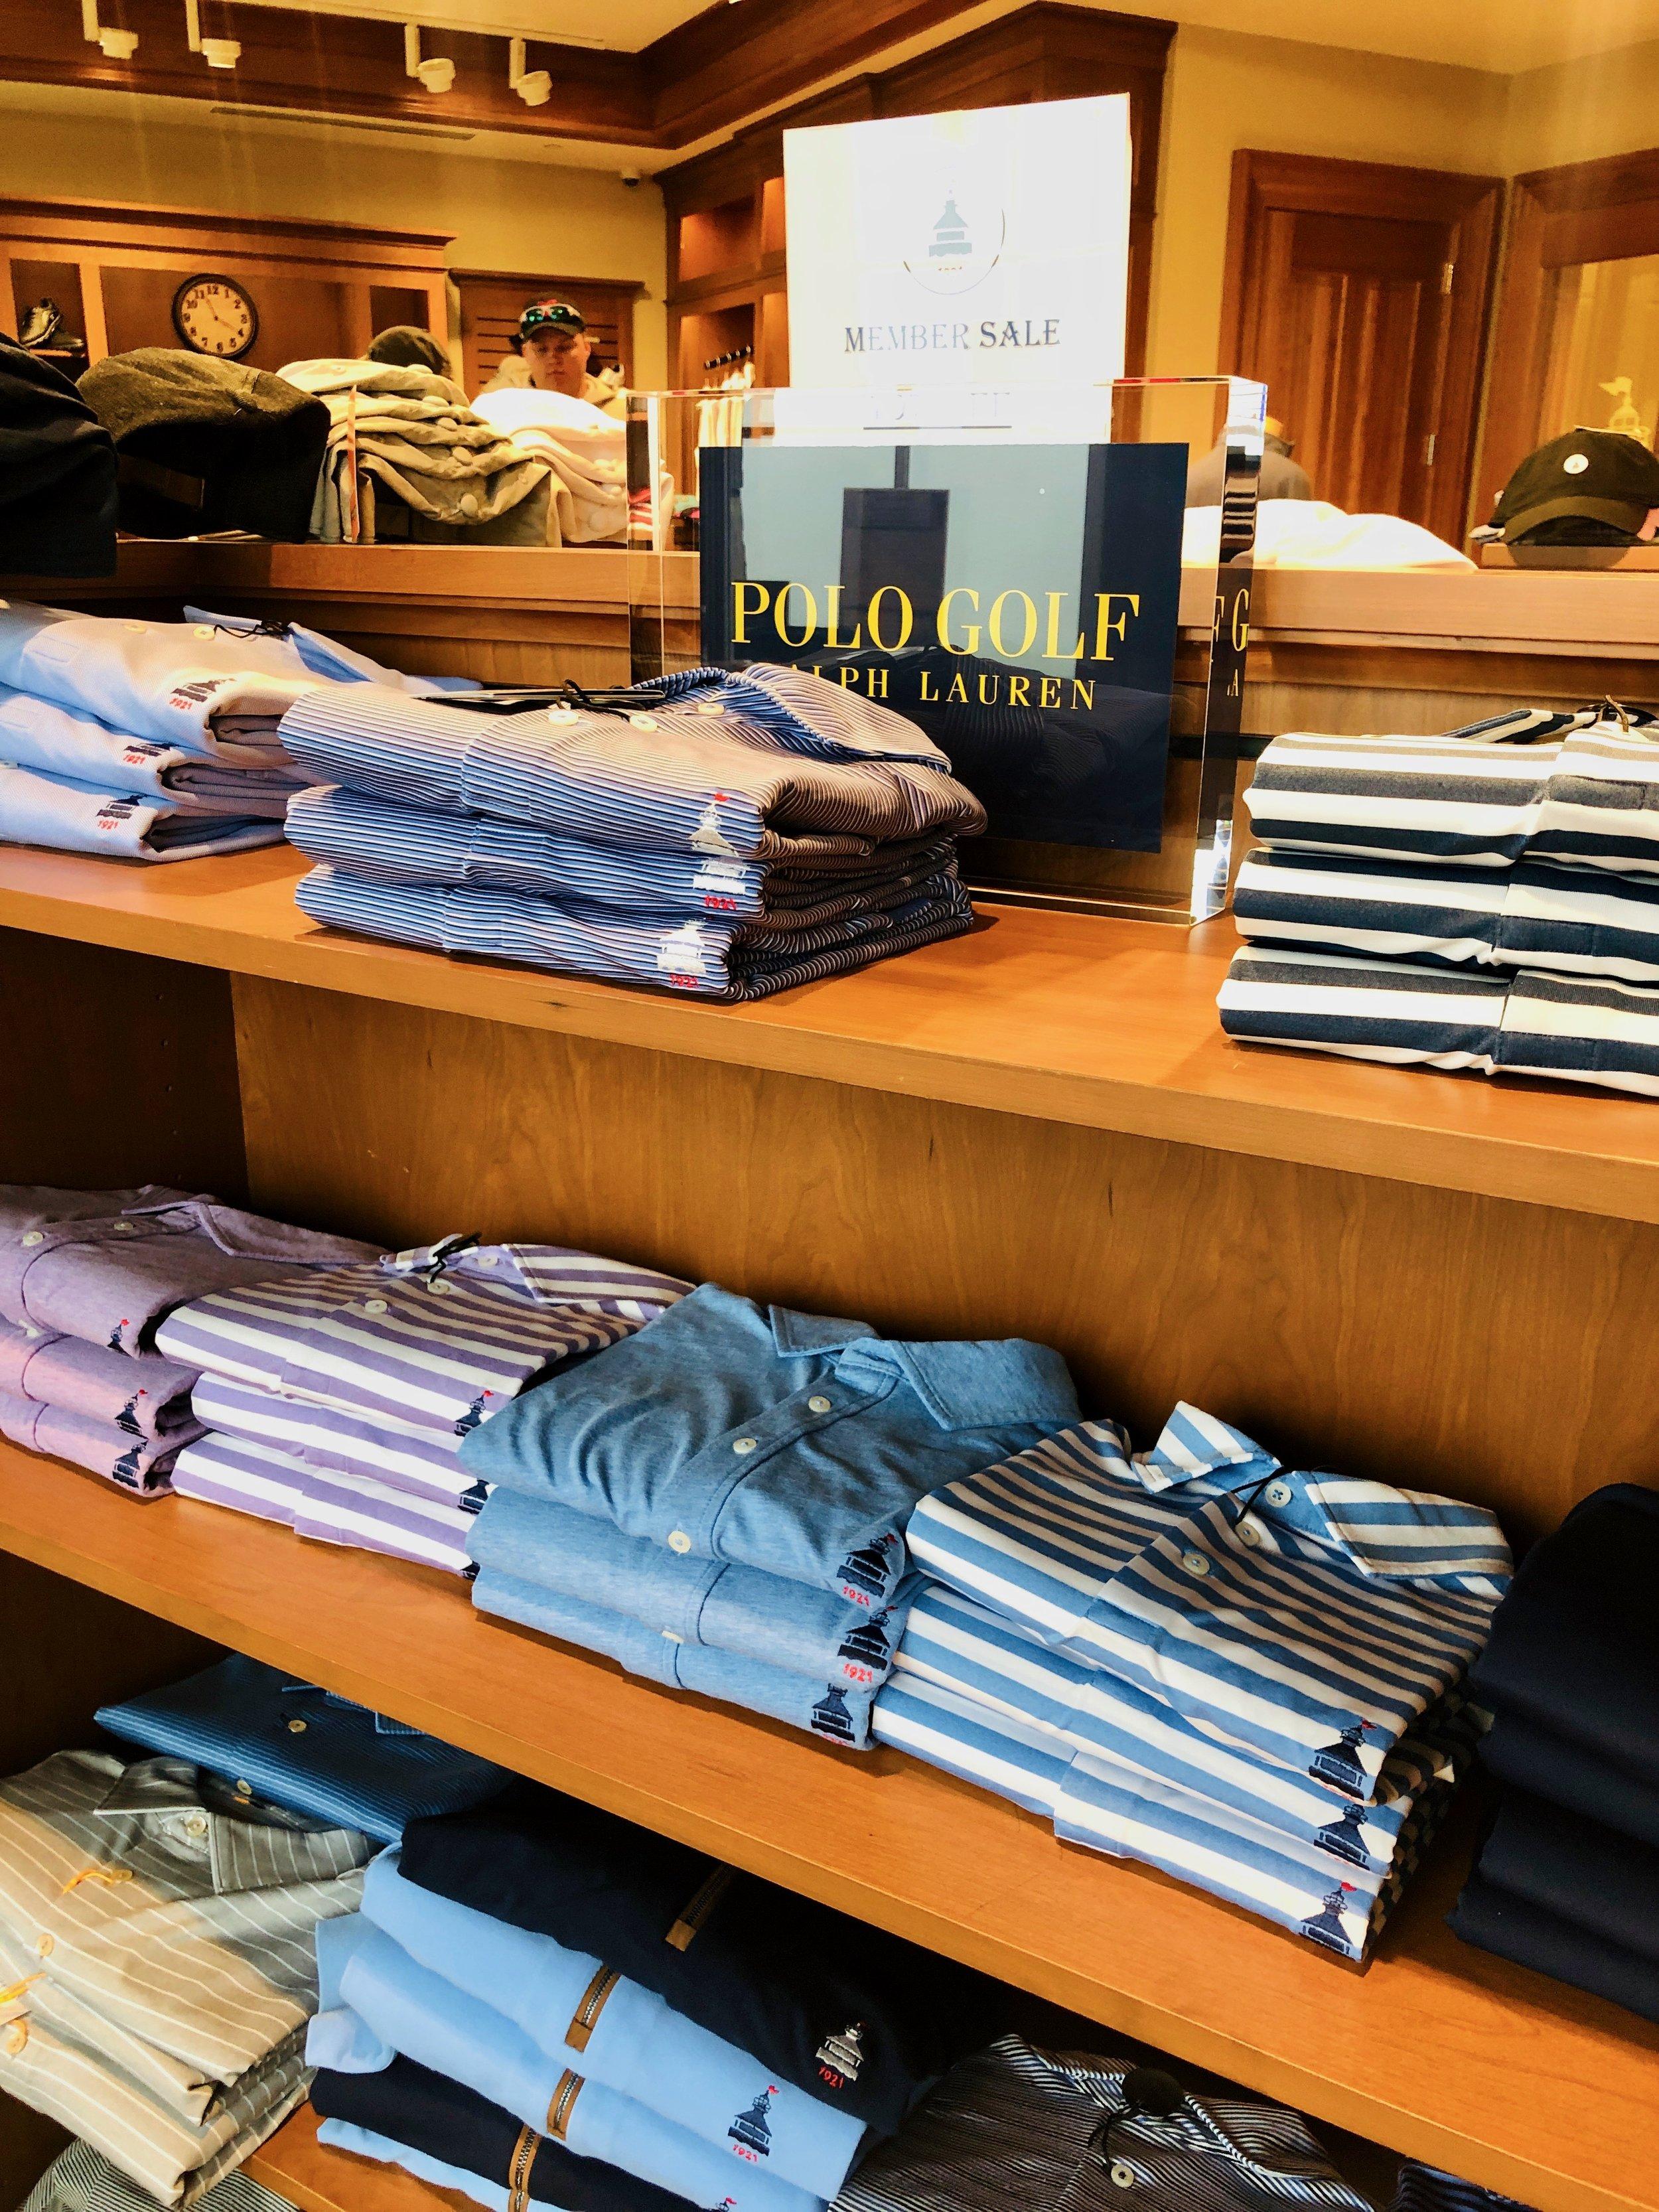 pro shop Polo Golf Ralph Lauren